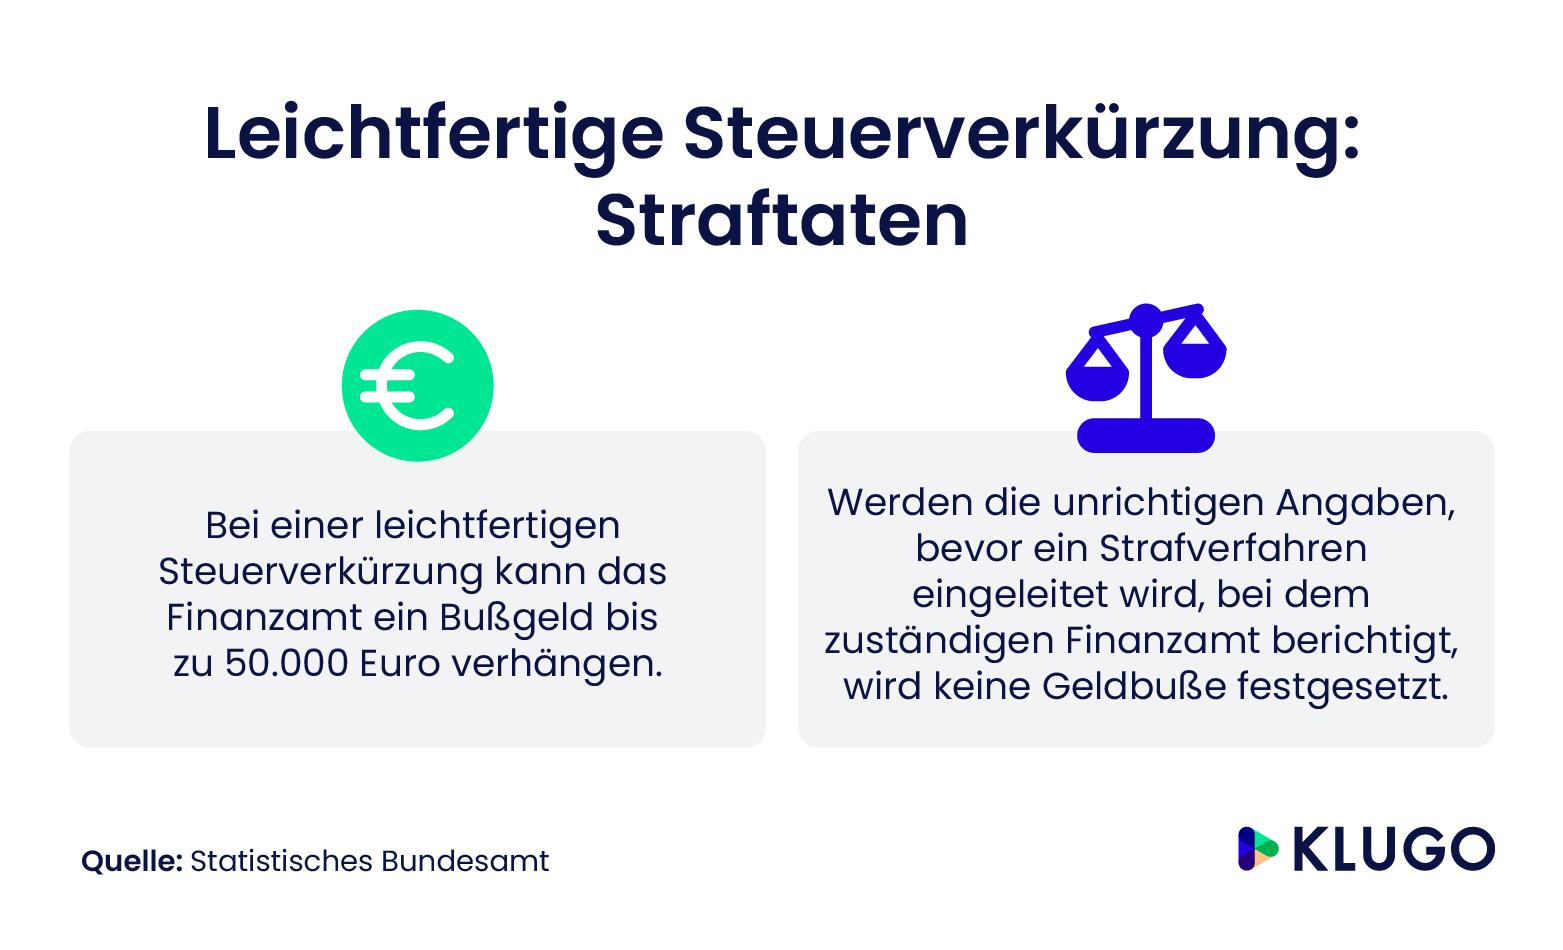 Leichtfertige Steuerverkürzung – Straftaten – Infografik